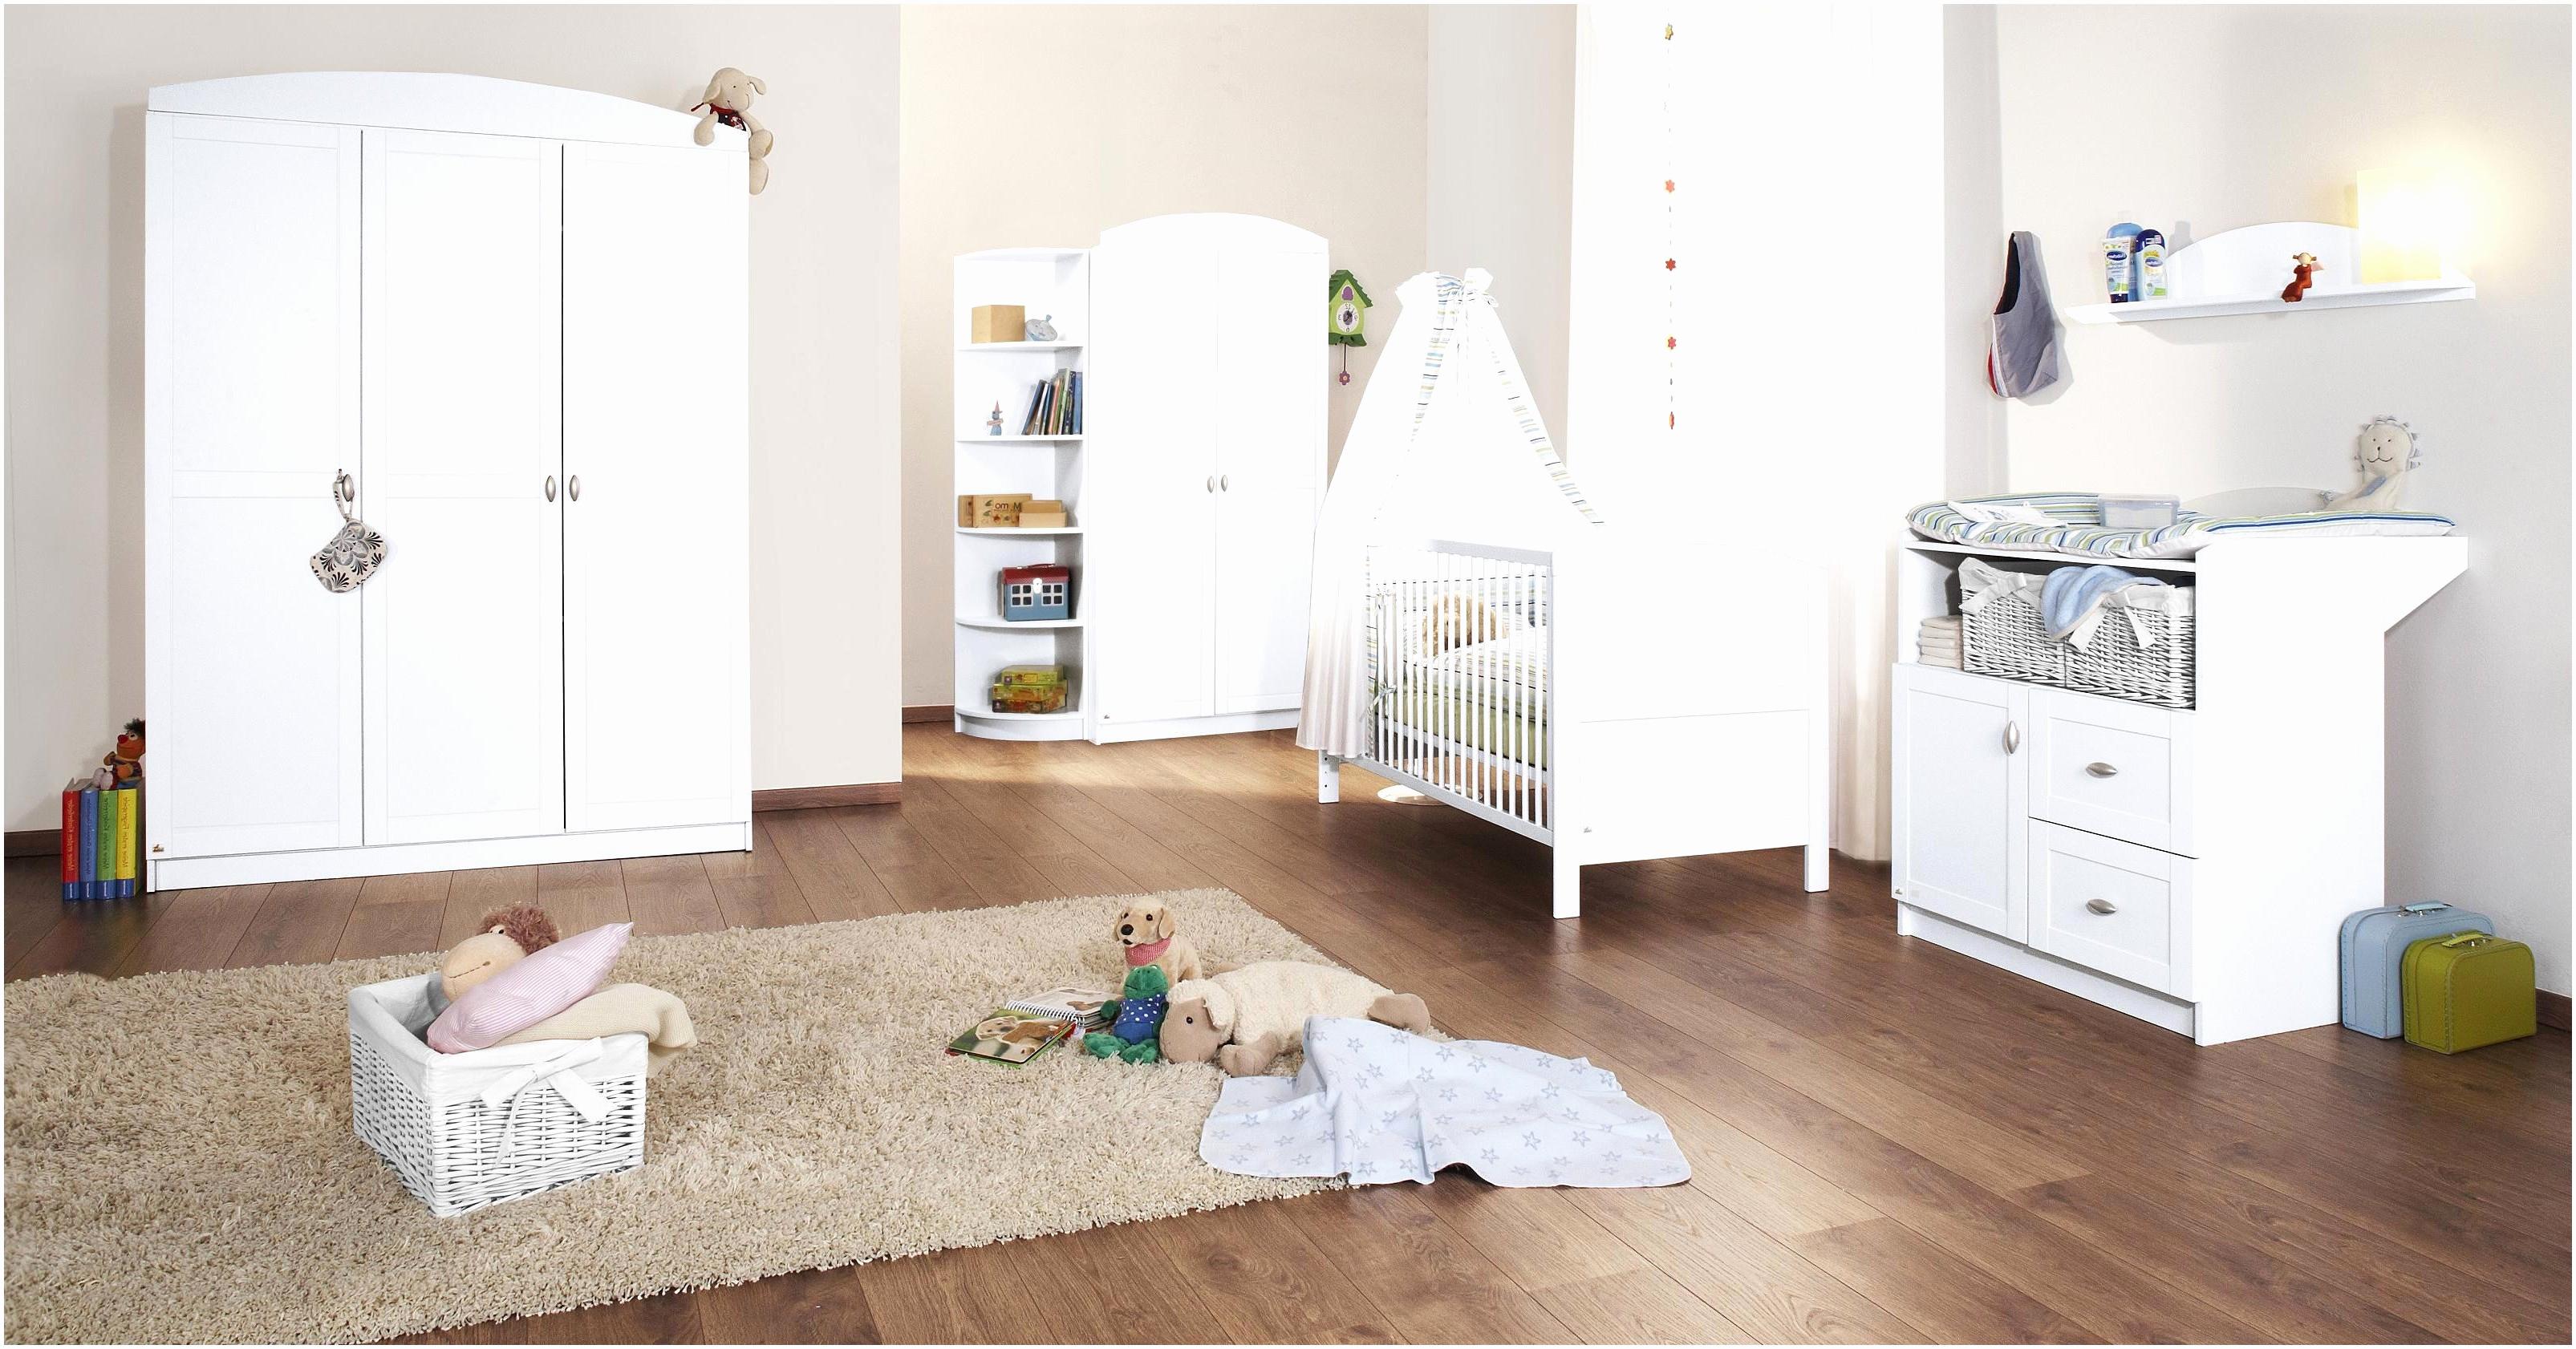 Catalogue Ikea Salle De Bain Frais Stock Armoire Colonne Chambre Meilleur De Ikea Meuble D Angle Meuble Salle